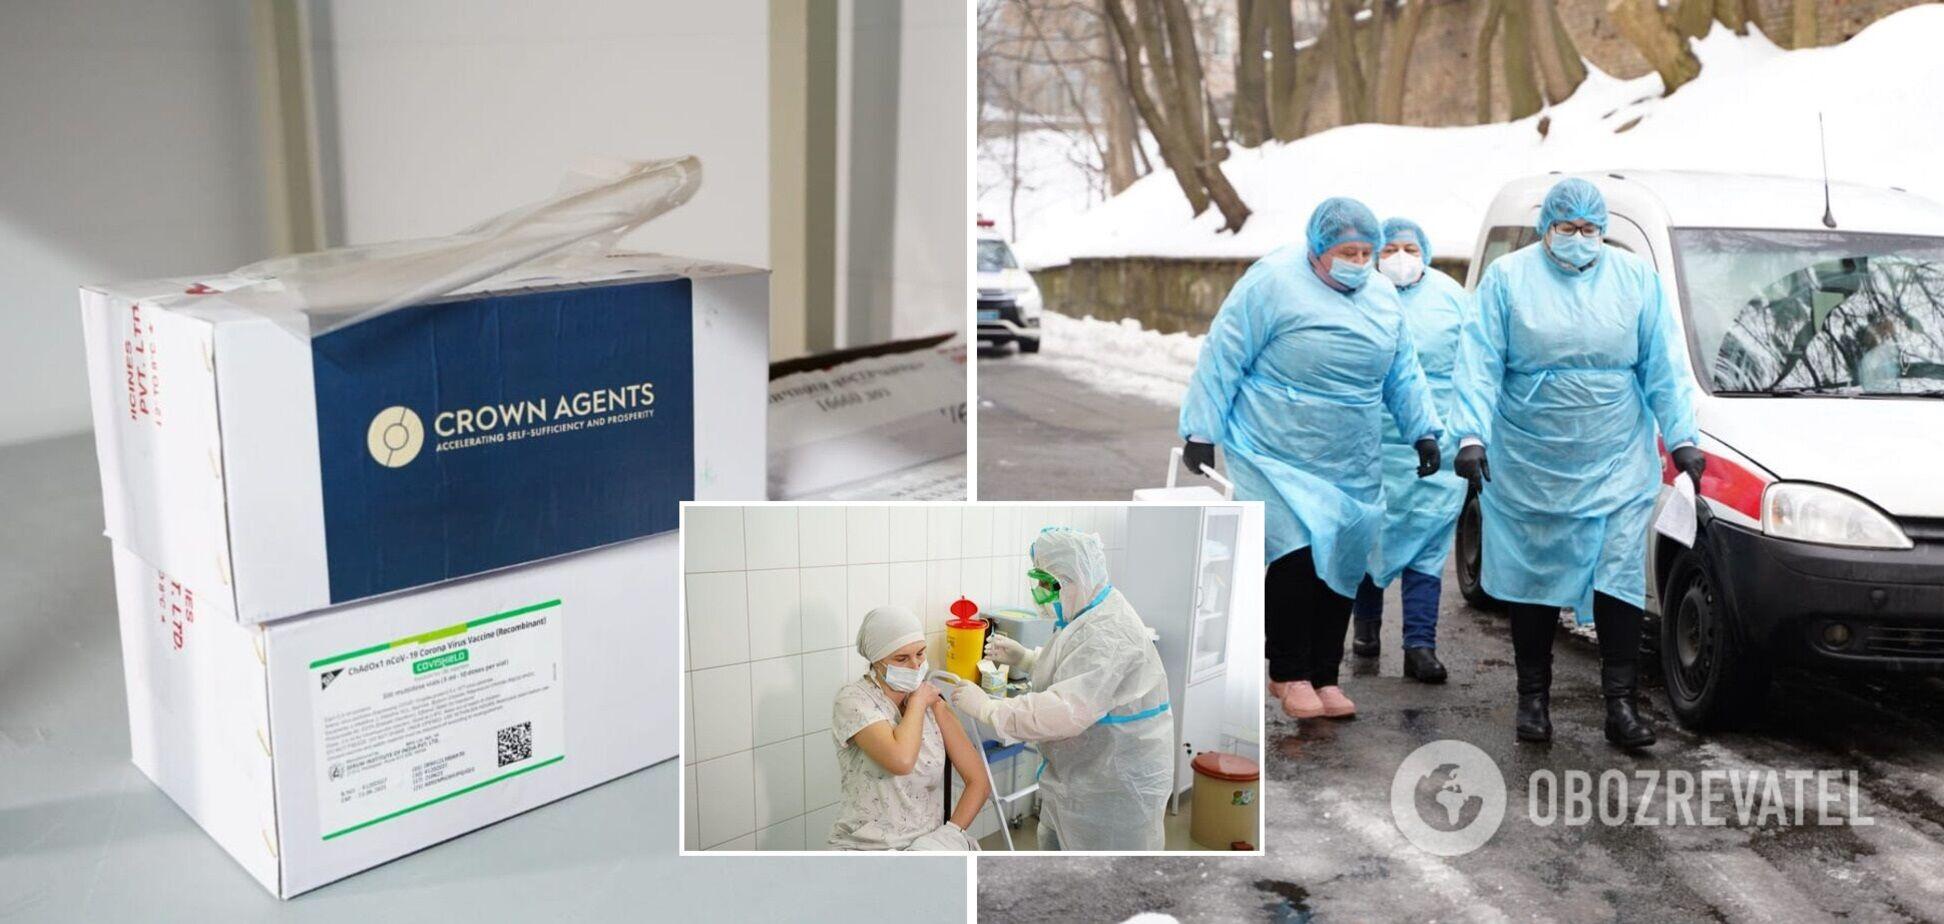 первую волну вакцинации в регионе планируют завершить уже через две-три недели